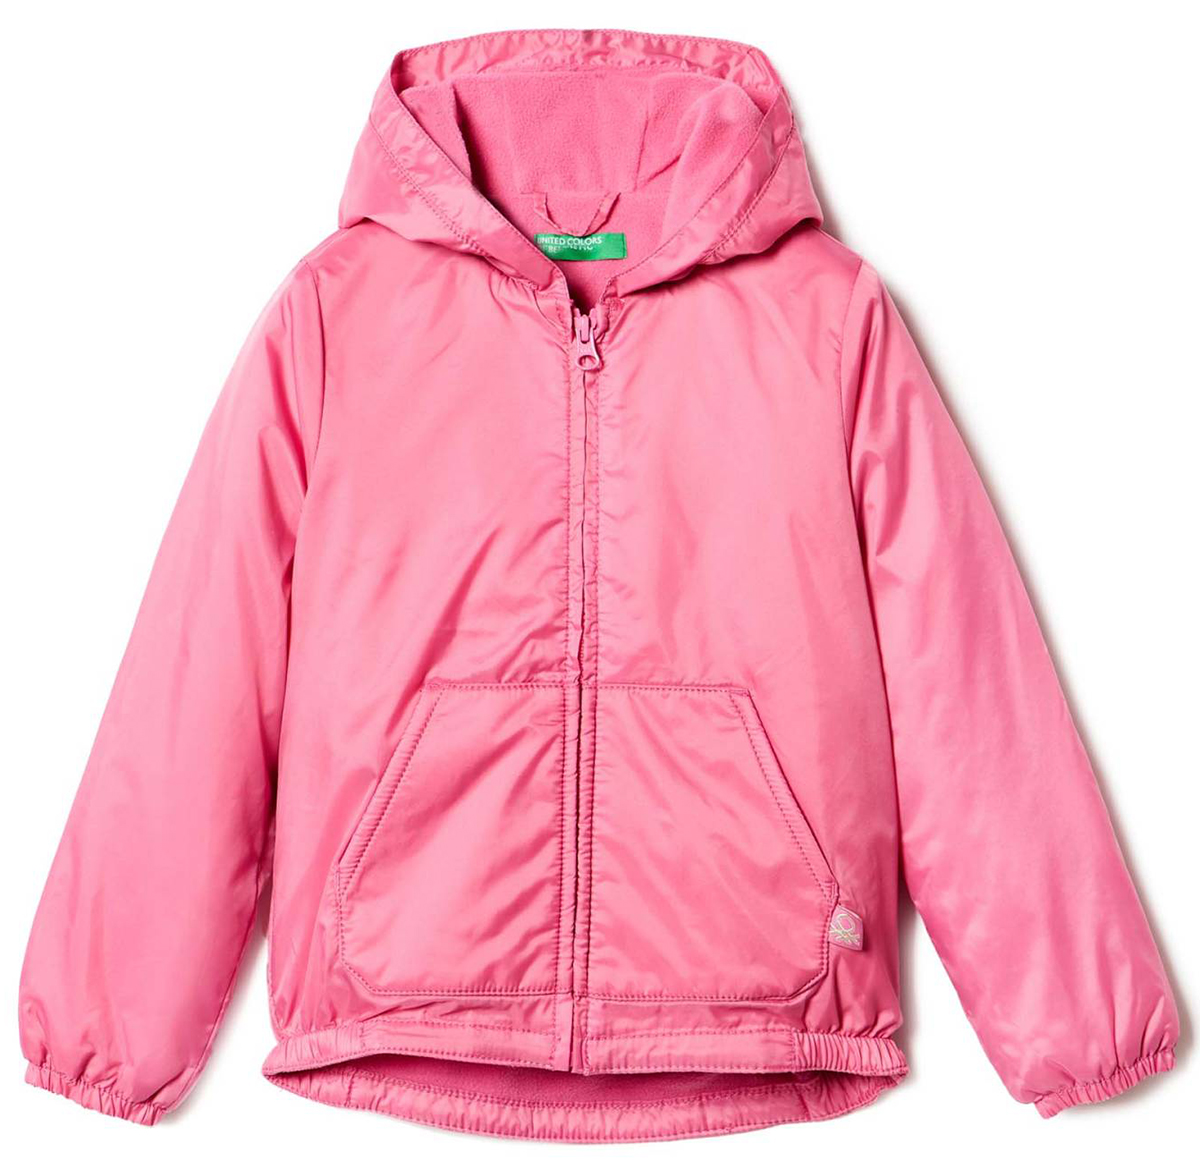 Куртка для девочки United Colors of Benetton, цвет: розовый. 2BL553AS0_2L8. Размер 822BL553AS0_2L8Куртка для девочки United Colors of Benetton выполнена из полиамида. Модель с капюшоном застегивается на застежку-молнию.